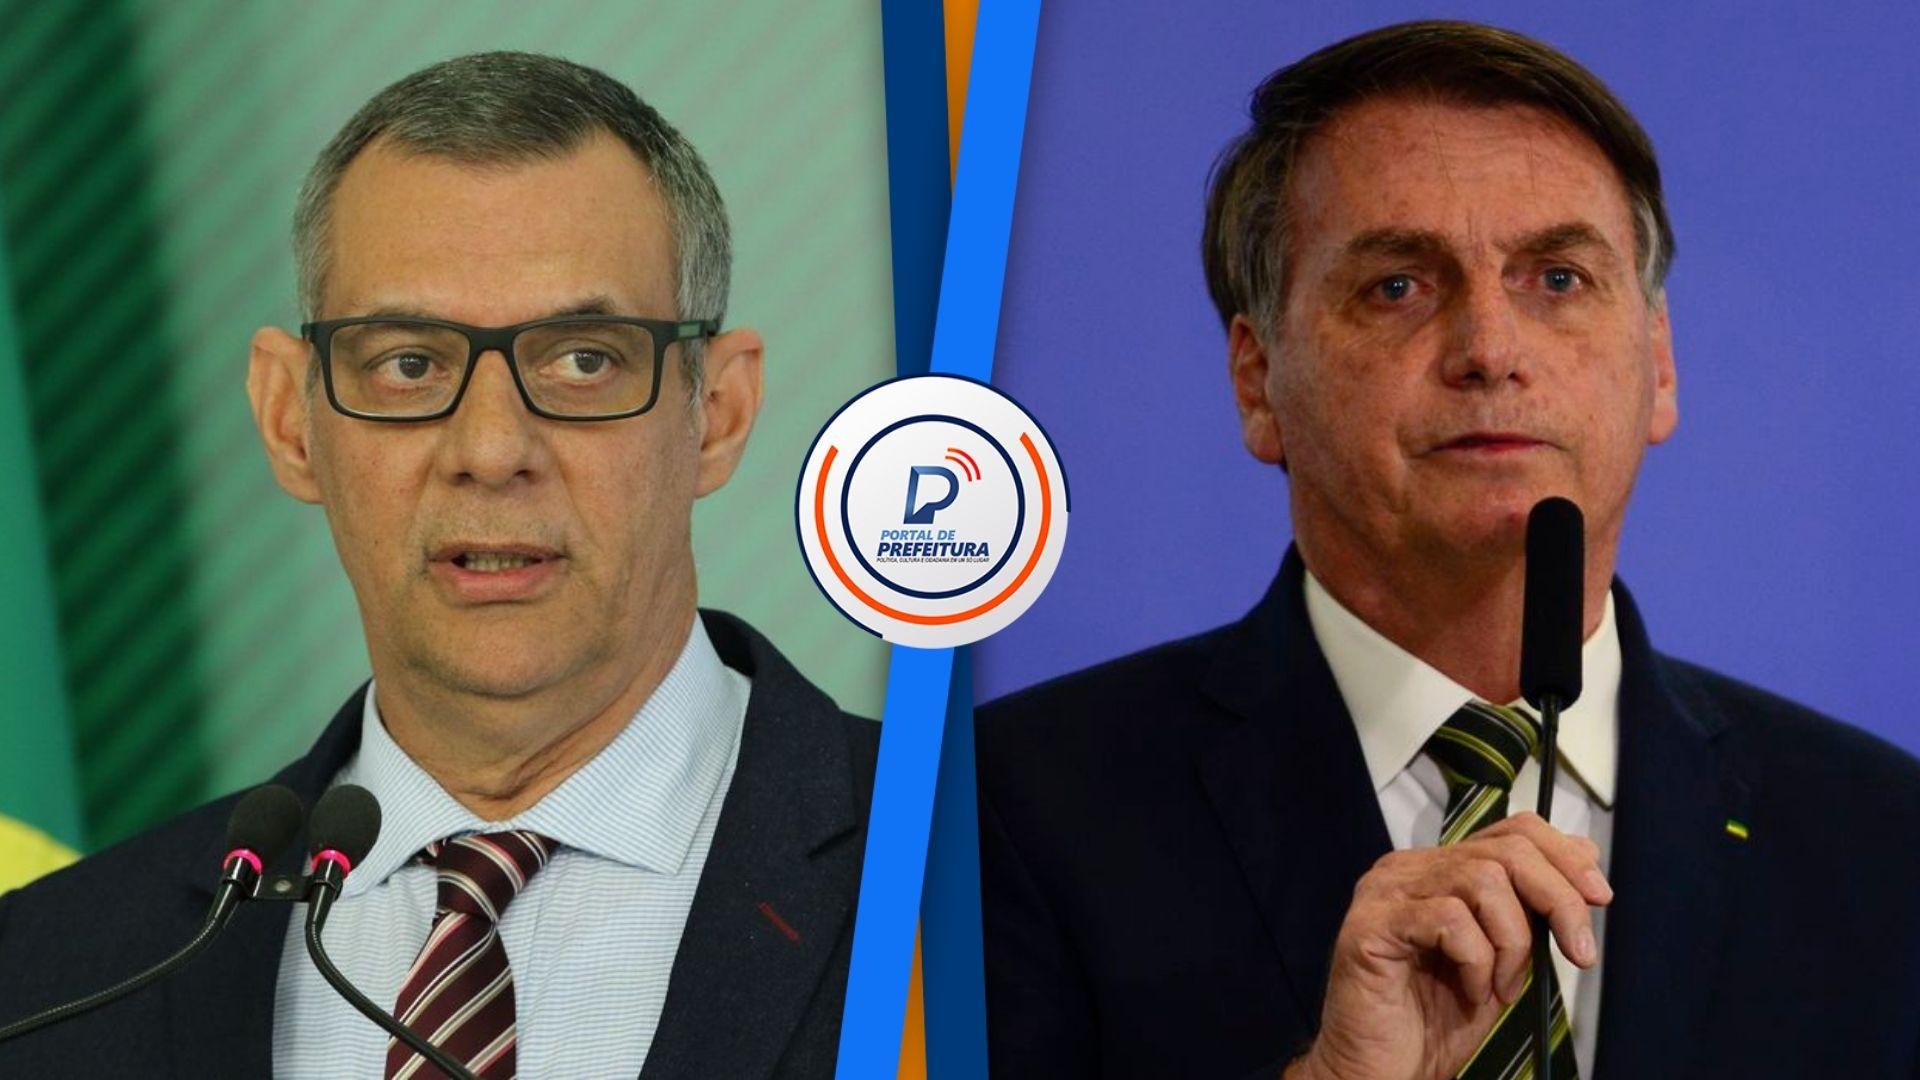 Pernambucano, ex-porta-voz do governo critica Bolsonaro: 'Poder corrompe'